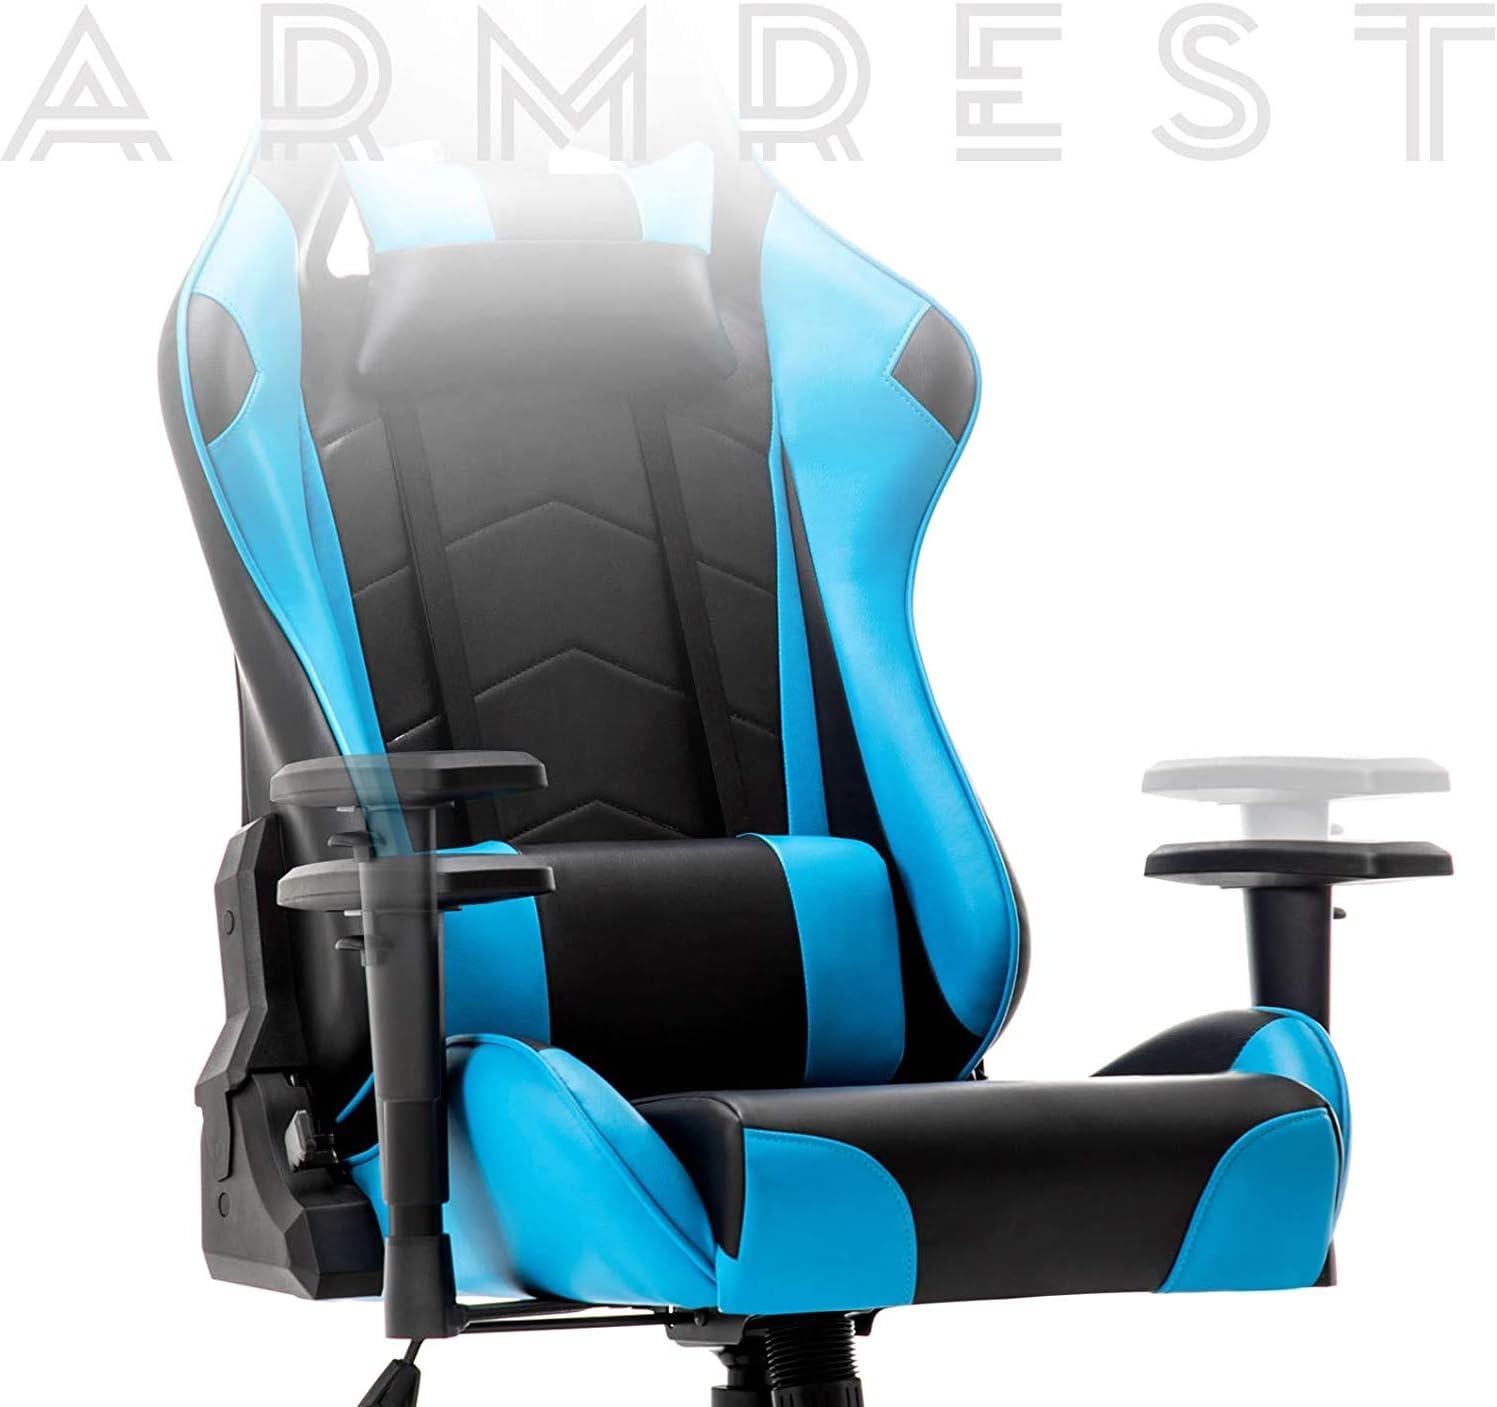 Chaise De Jeu Massage avec Repose-Pieds Chaise De Bureau avec Massage Support Lombaire Chaise Pivotante avec Accoudoir De Style Course en Cuir PU À Dossier Haut Blue